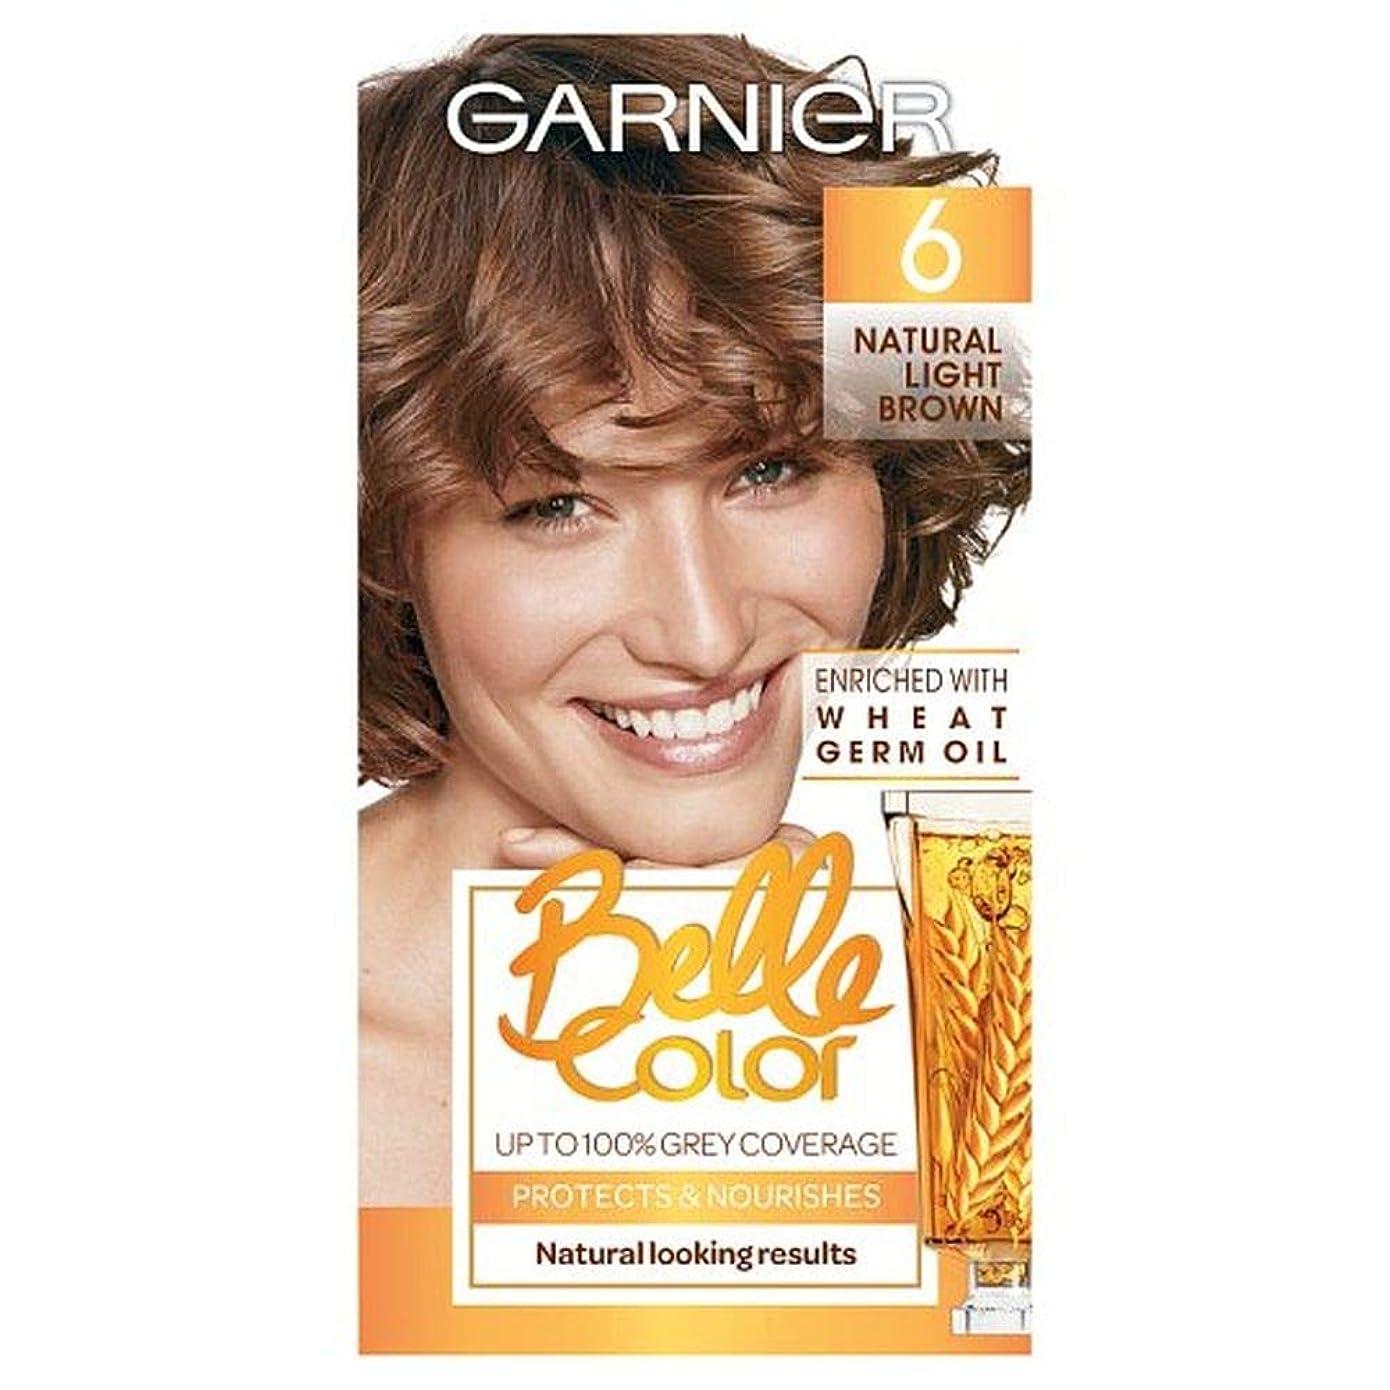 ペパーミントけん引プロテスタント[Belle Color ] ガーン/ベル/Clr 6ナチュラルライトブラウンパーマネントヘアダイ - Garn/Bel/Clr 6 Natural Light Brown Permanent Hair Dye [並行輸入品]